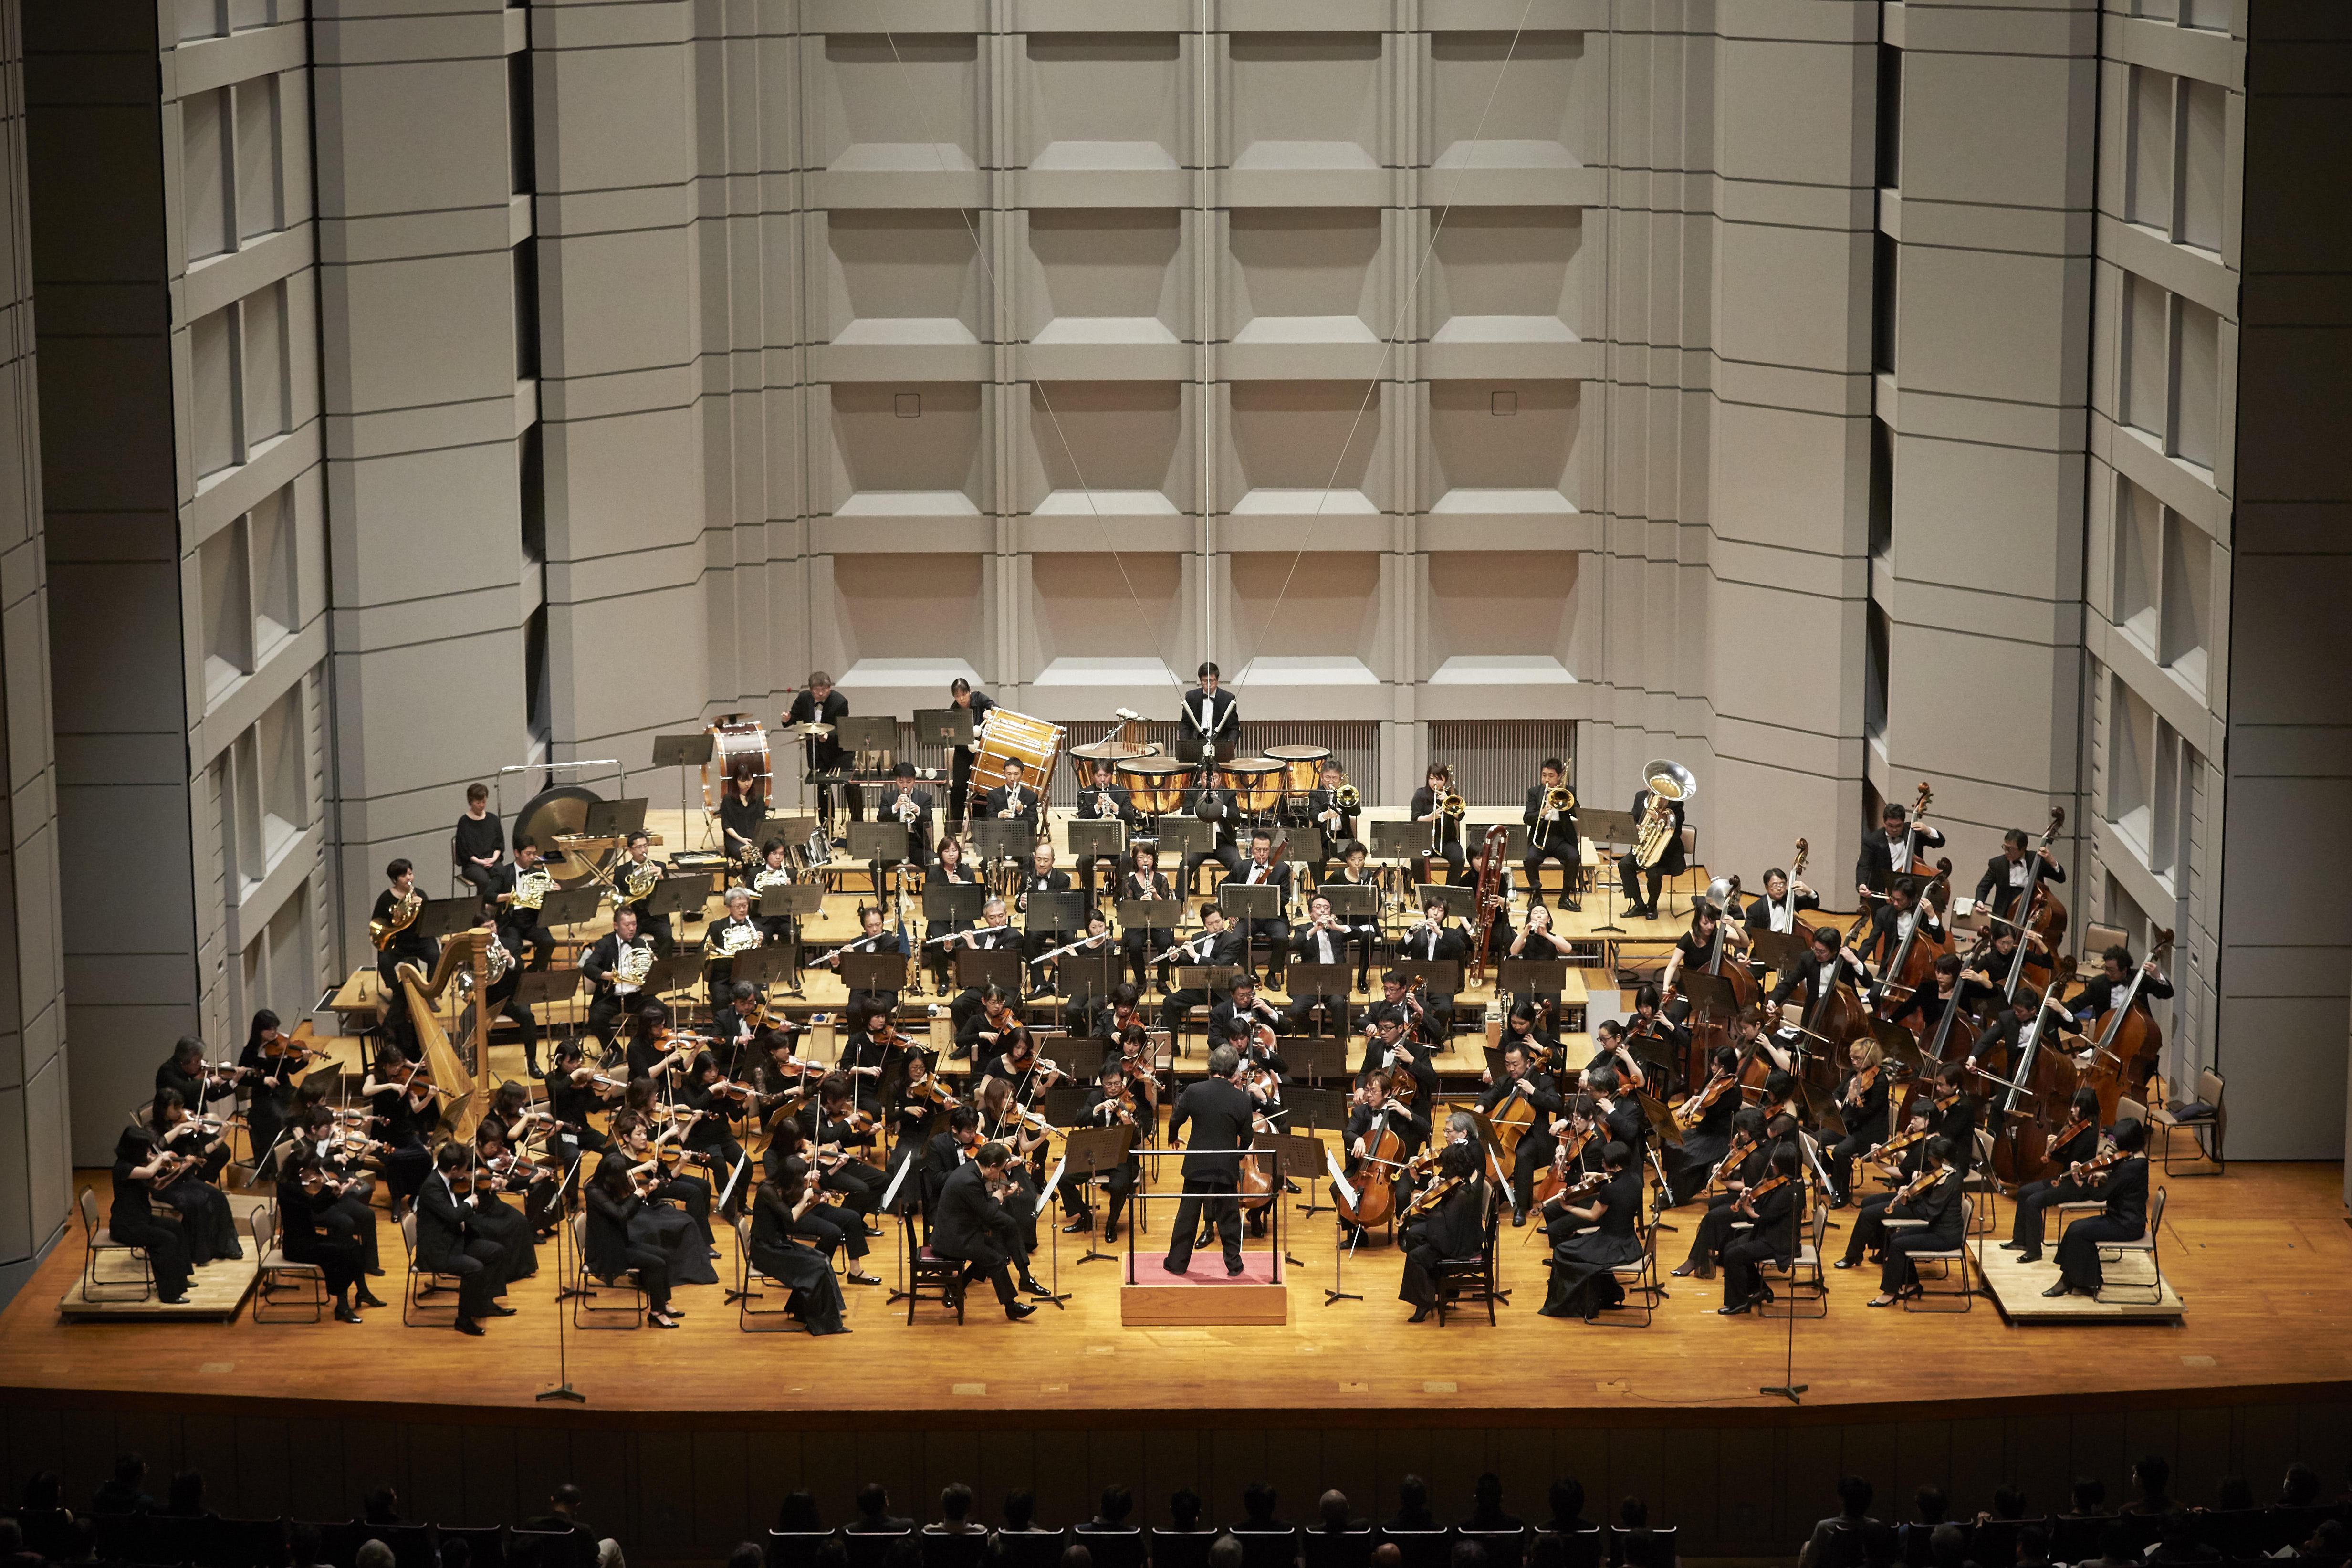 アンドレア・バッティストーニ指揮東京フィルハーモニー交響楽団